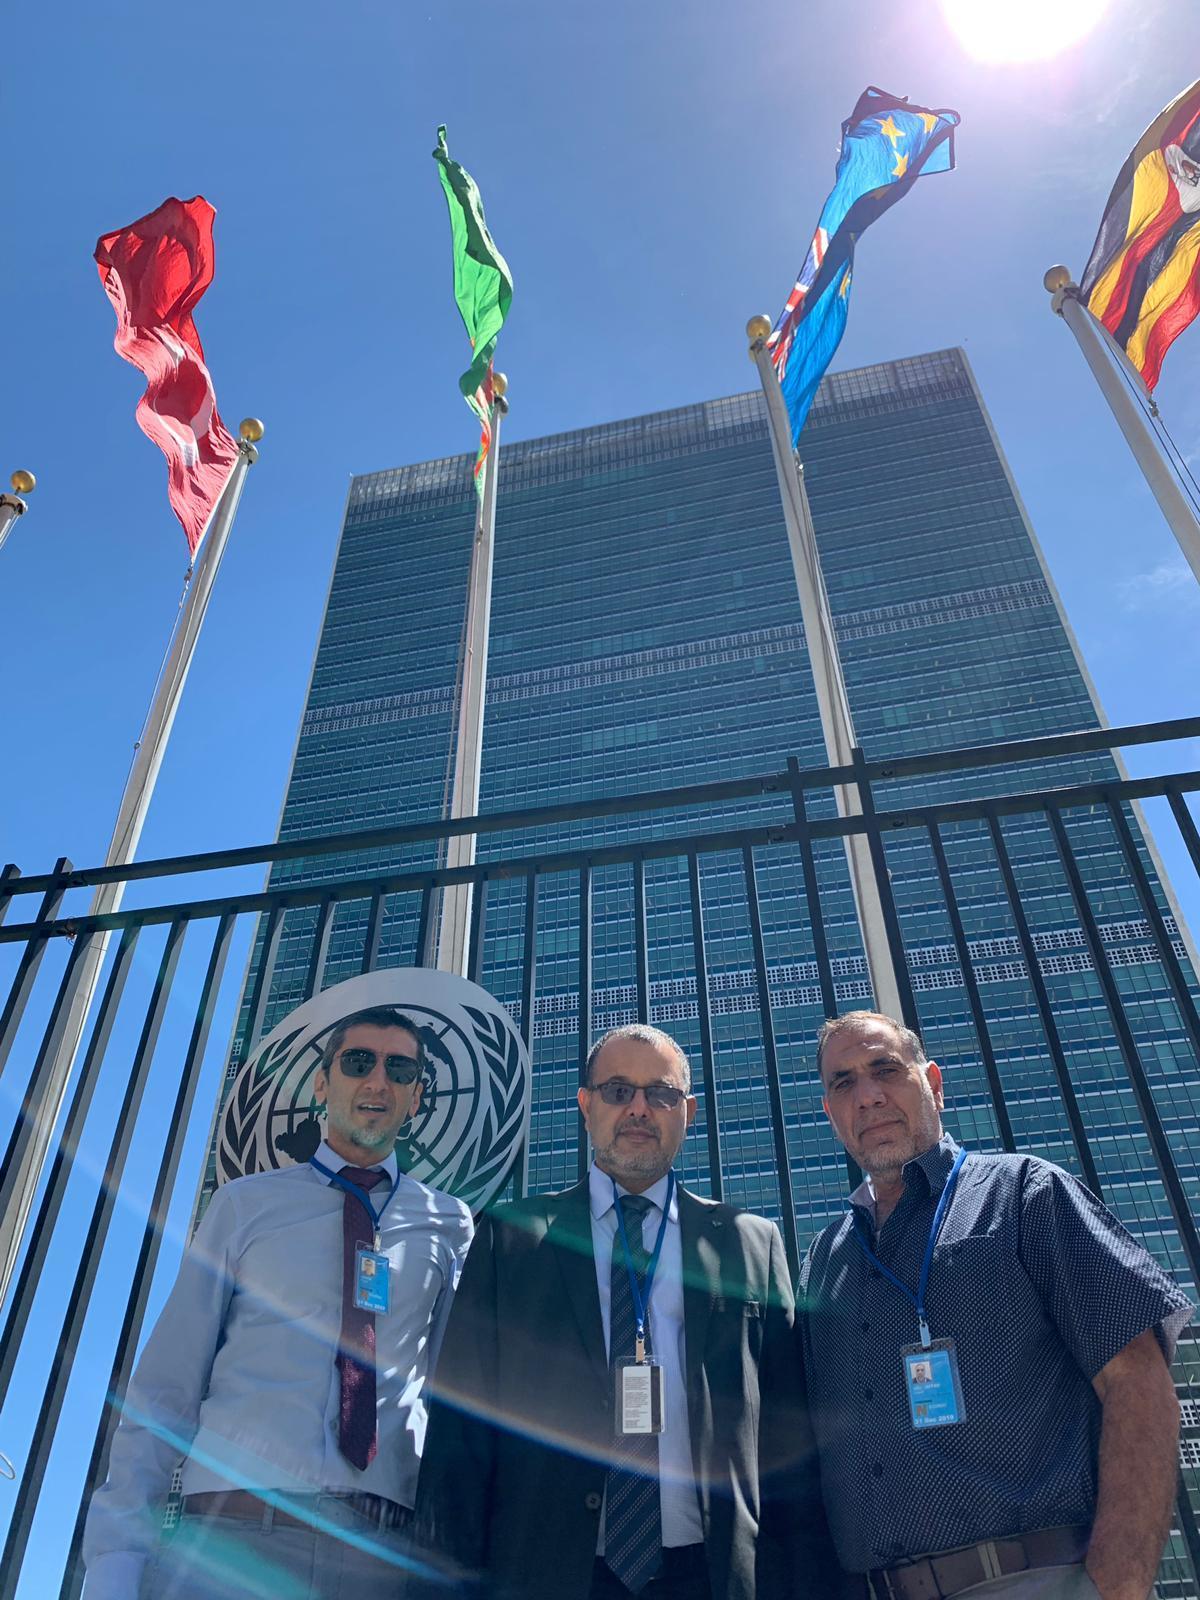 جمعية الإغاثة تحظى بصفة استشارية في هيئة الأمم المتحدة